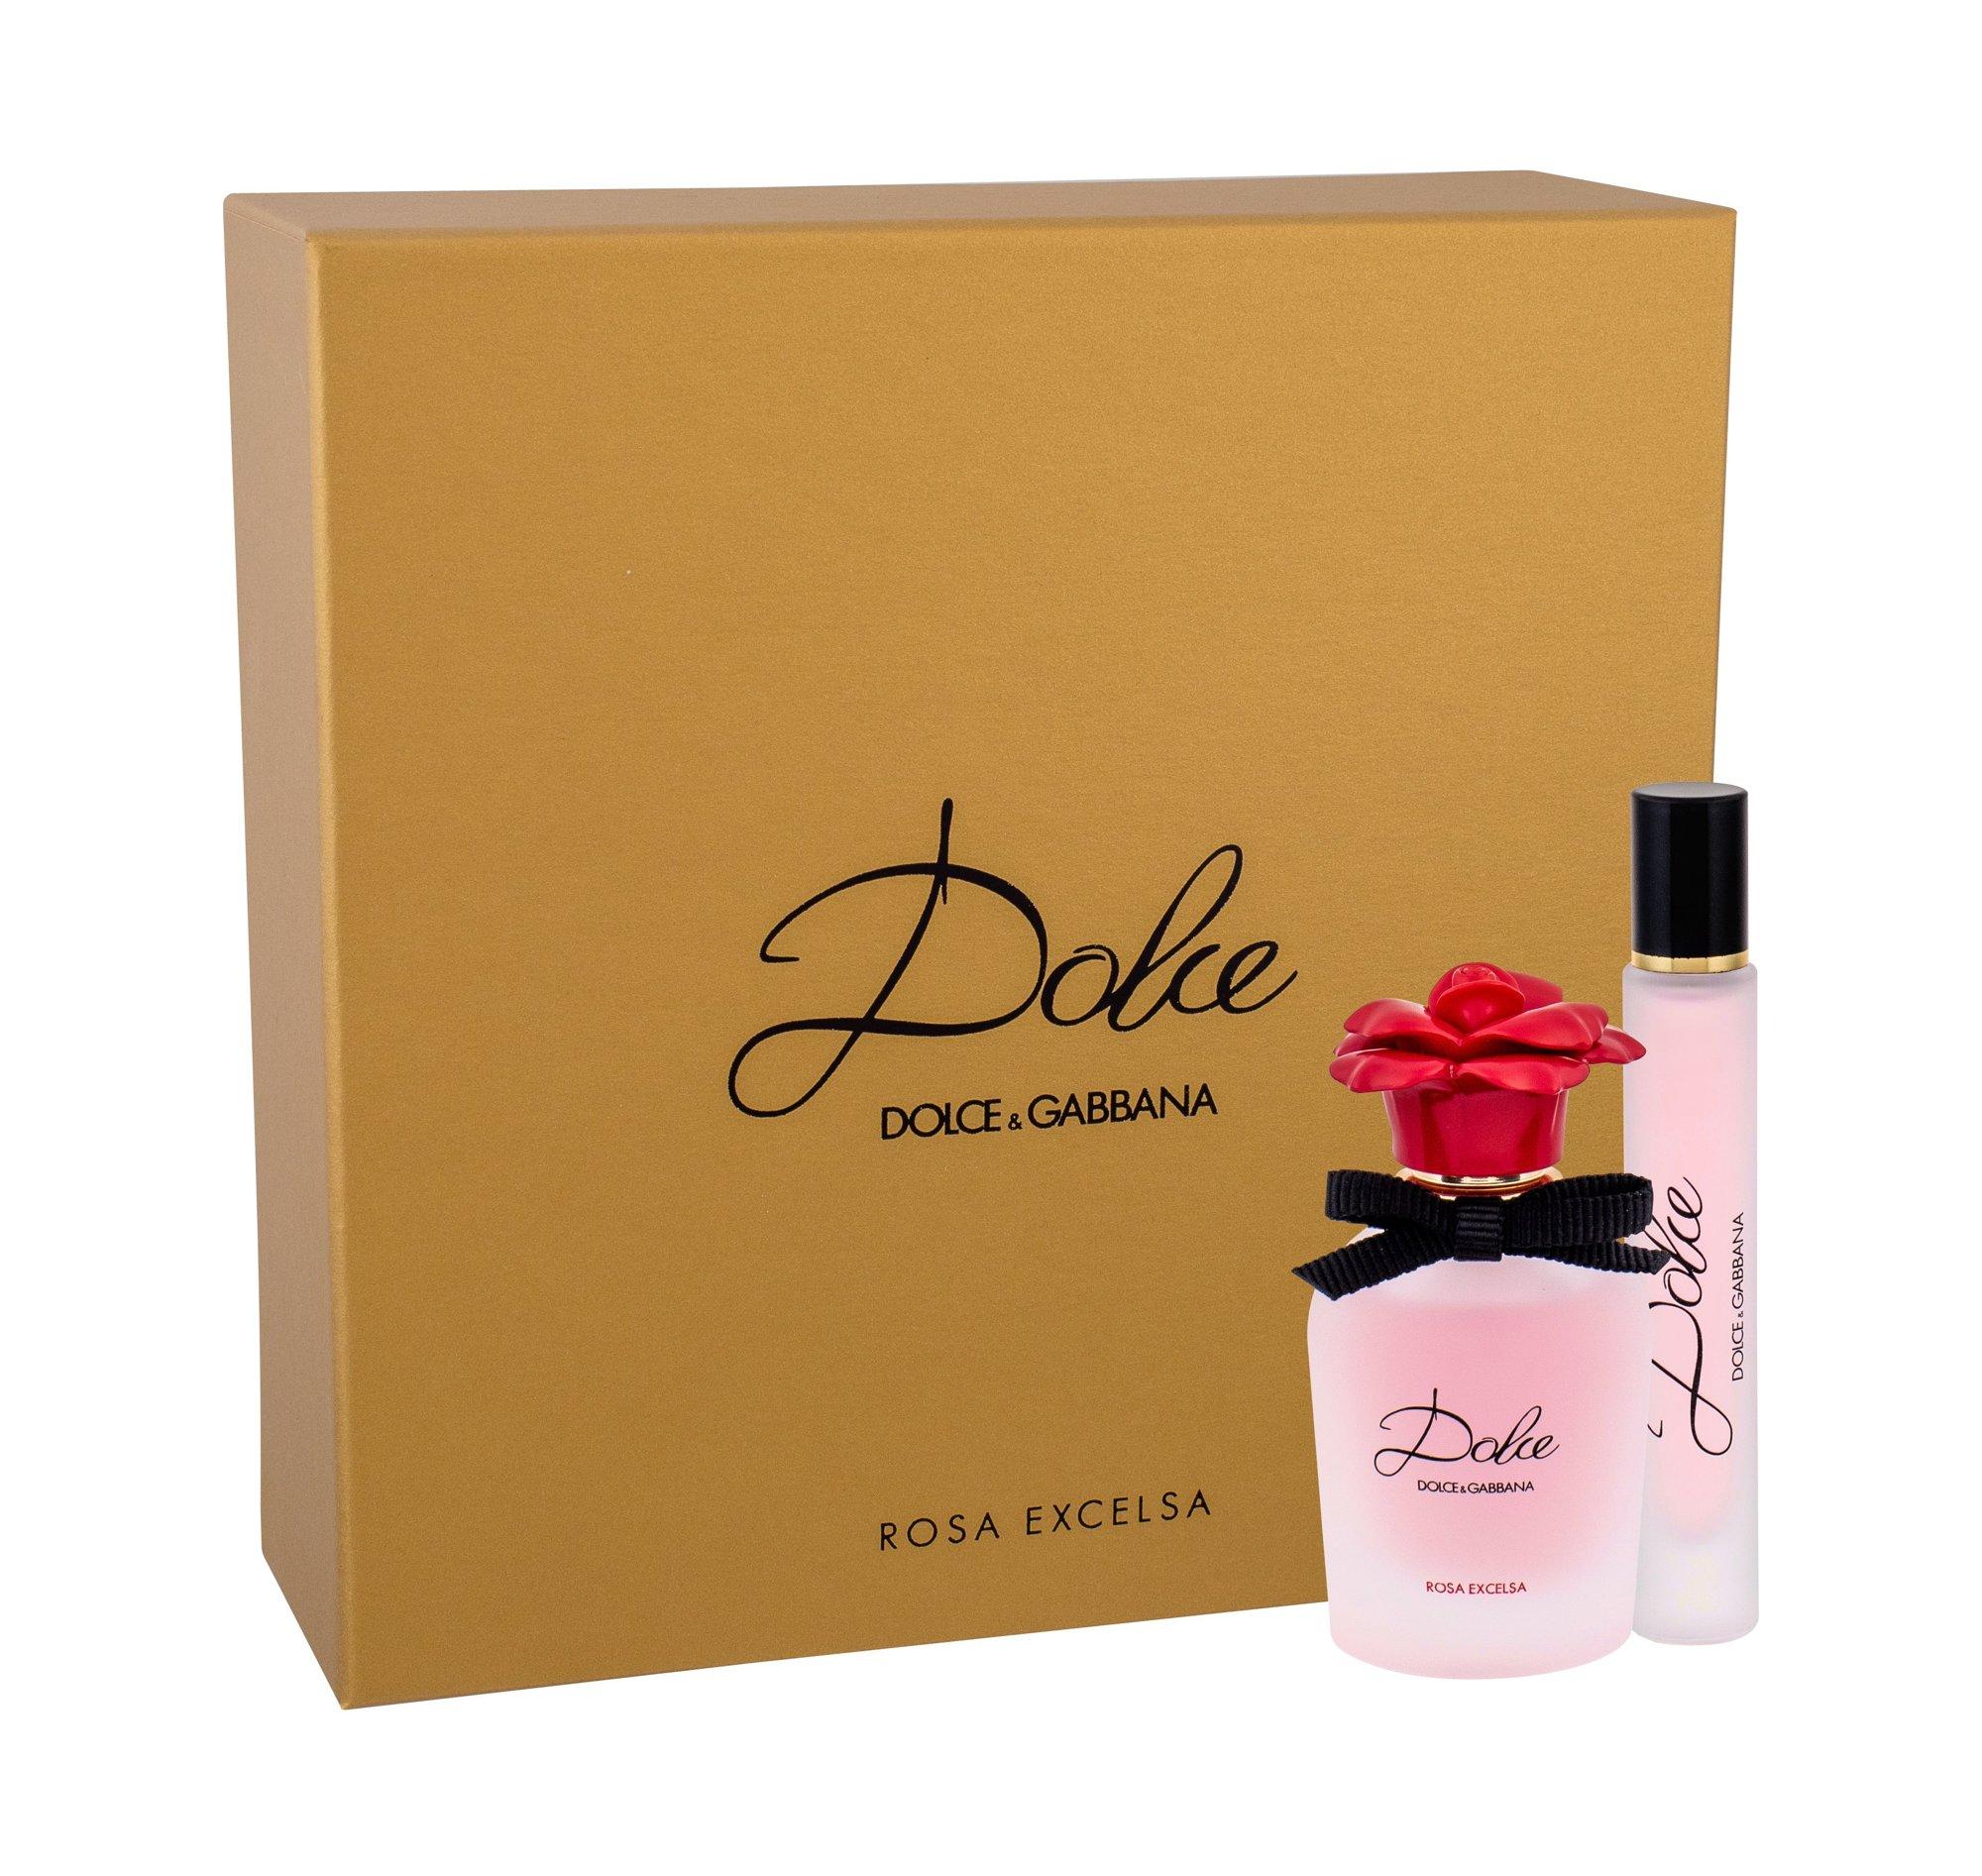 Dolce&Gabbana Dolce Eau de Parfum 30ml